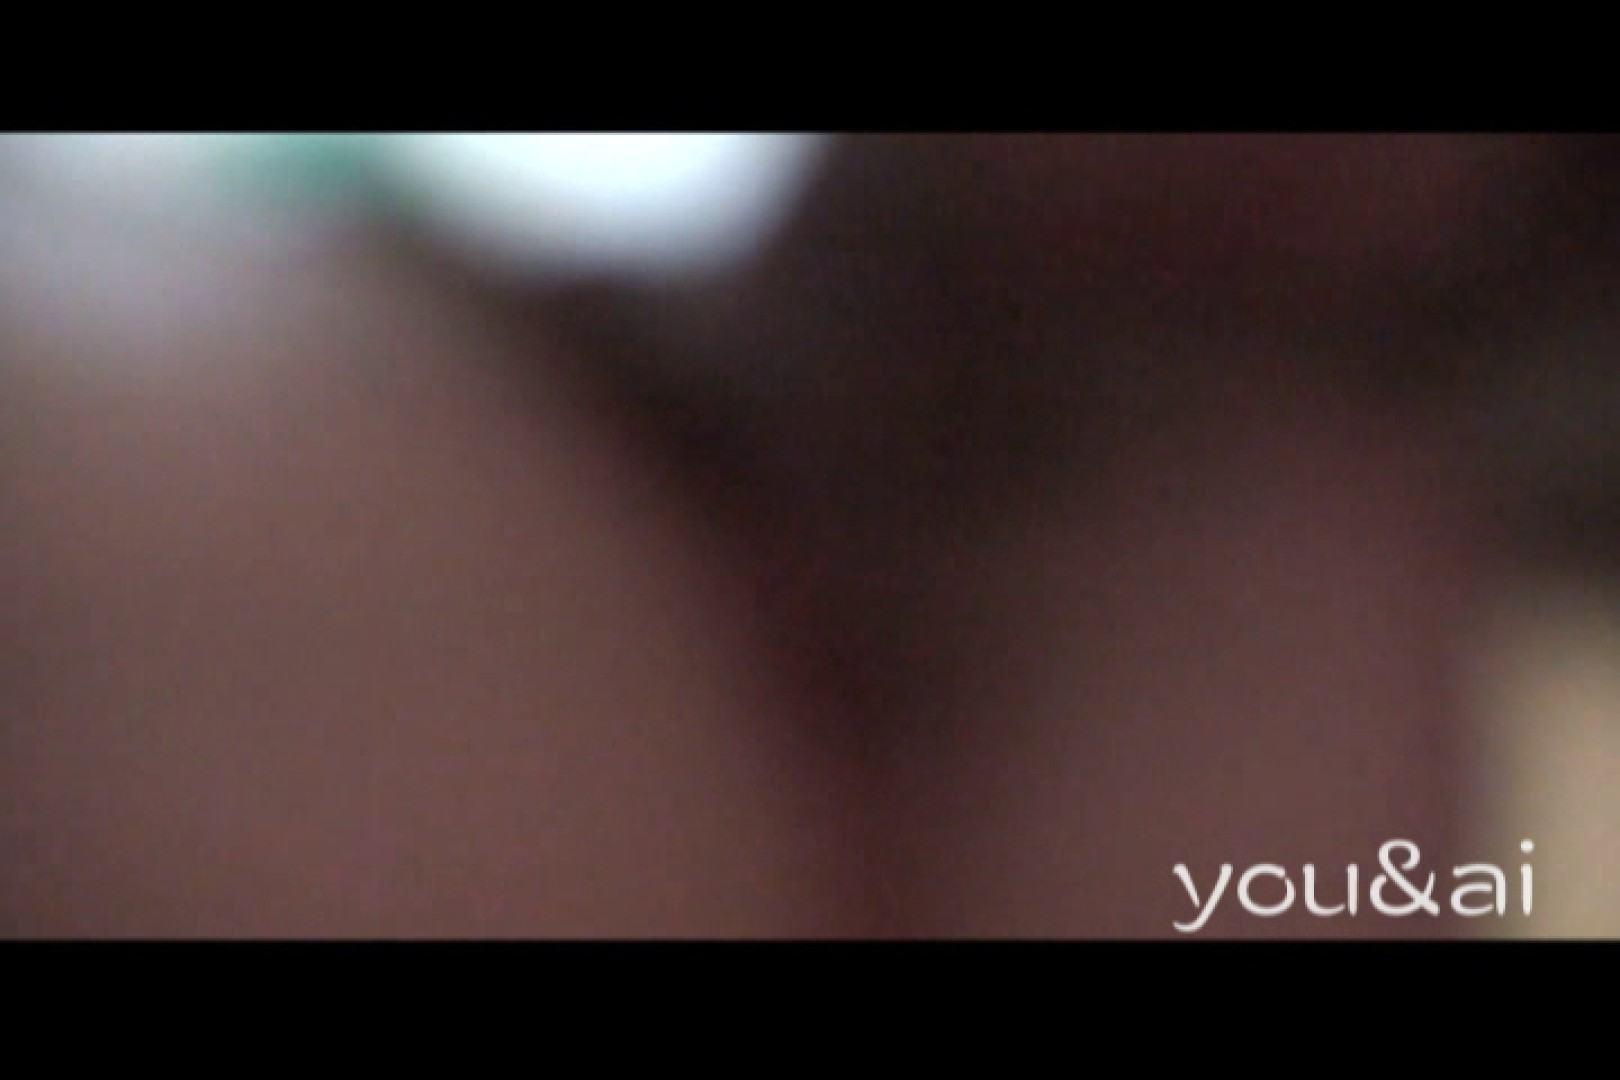 おしどり夫婦のyou&aiさん投稿作品vol.16 美しいOLの裸体 のぞき動画画像 100pic 50